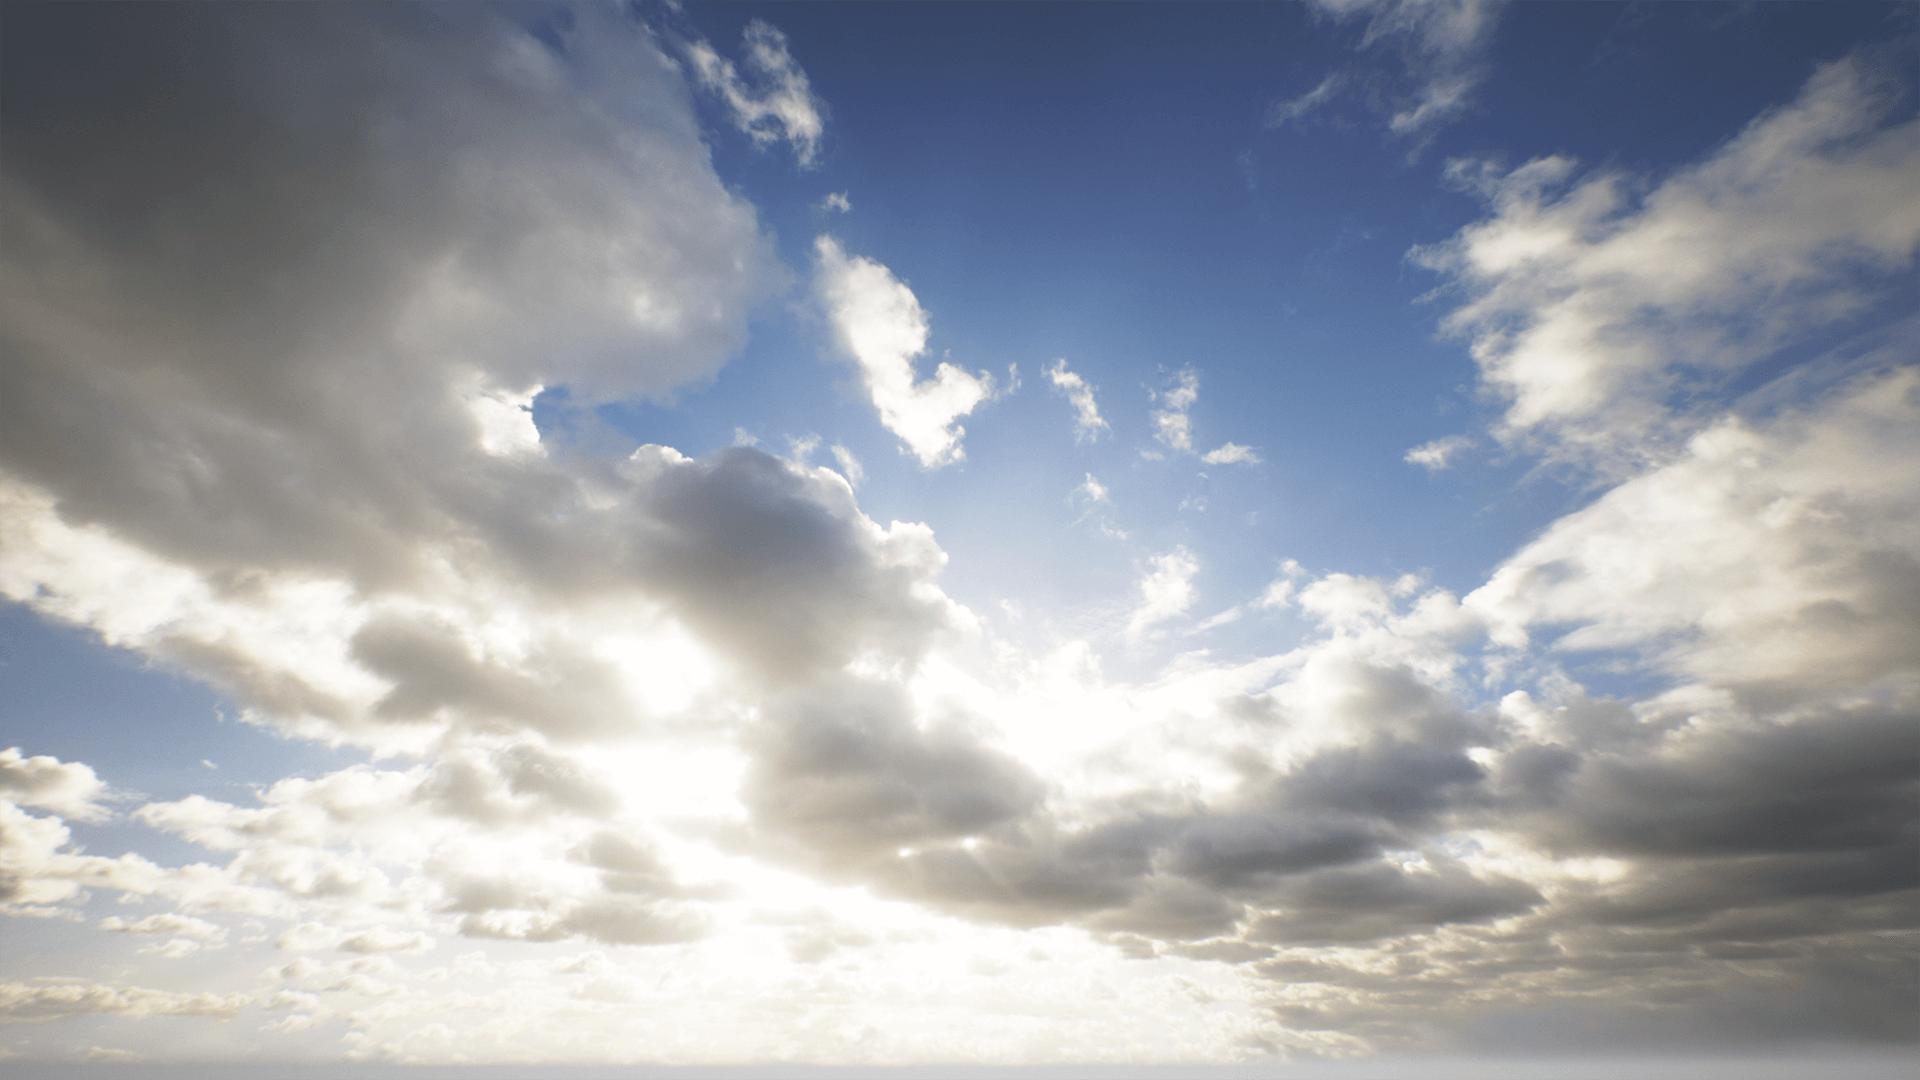 Sky Pack: 25 Skies by Joost Vanhoutte in Environments - UE4 Marketplace